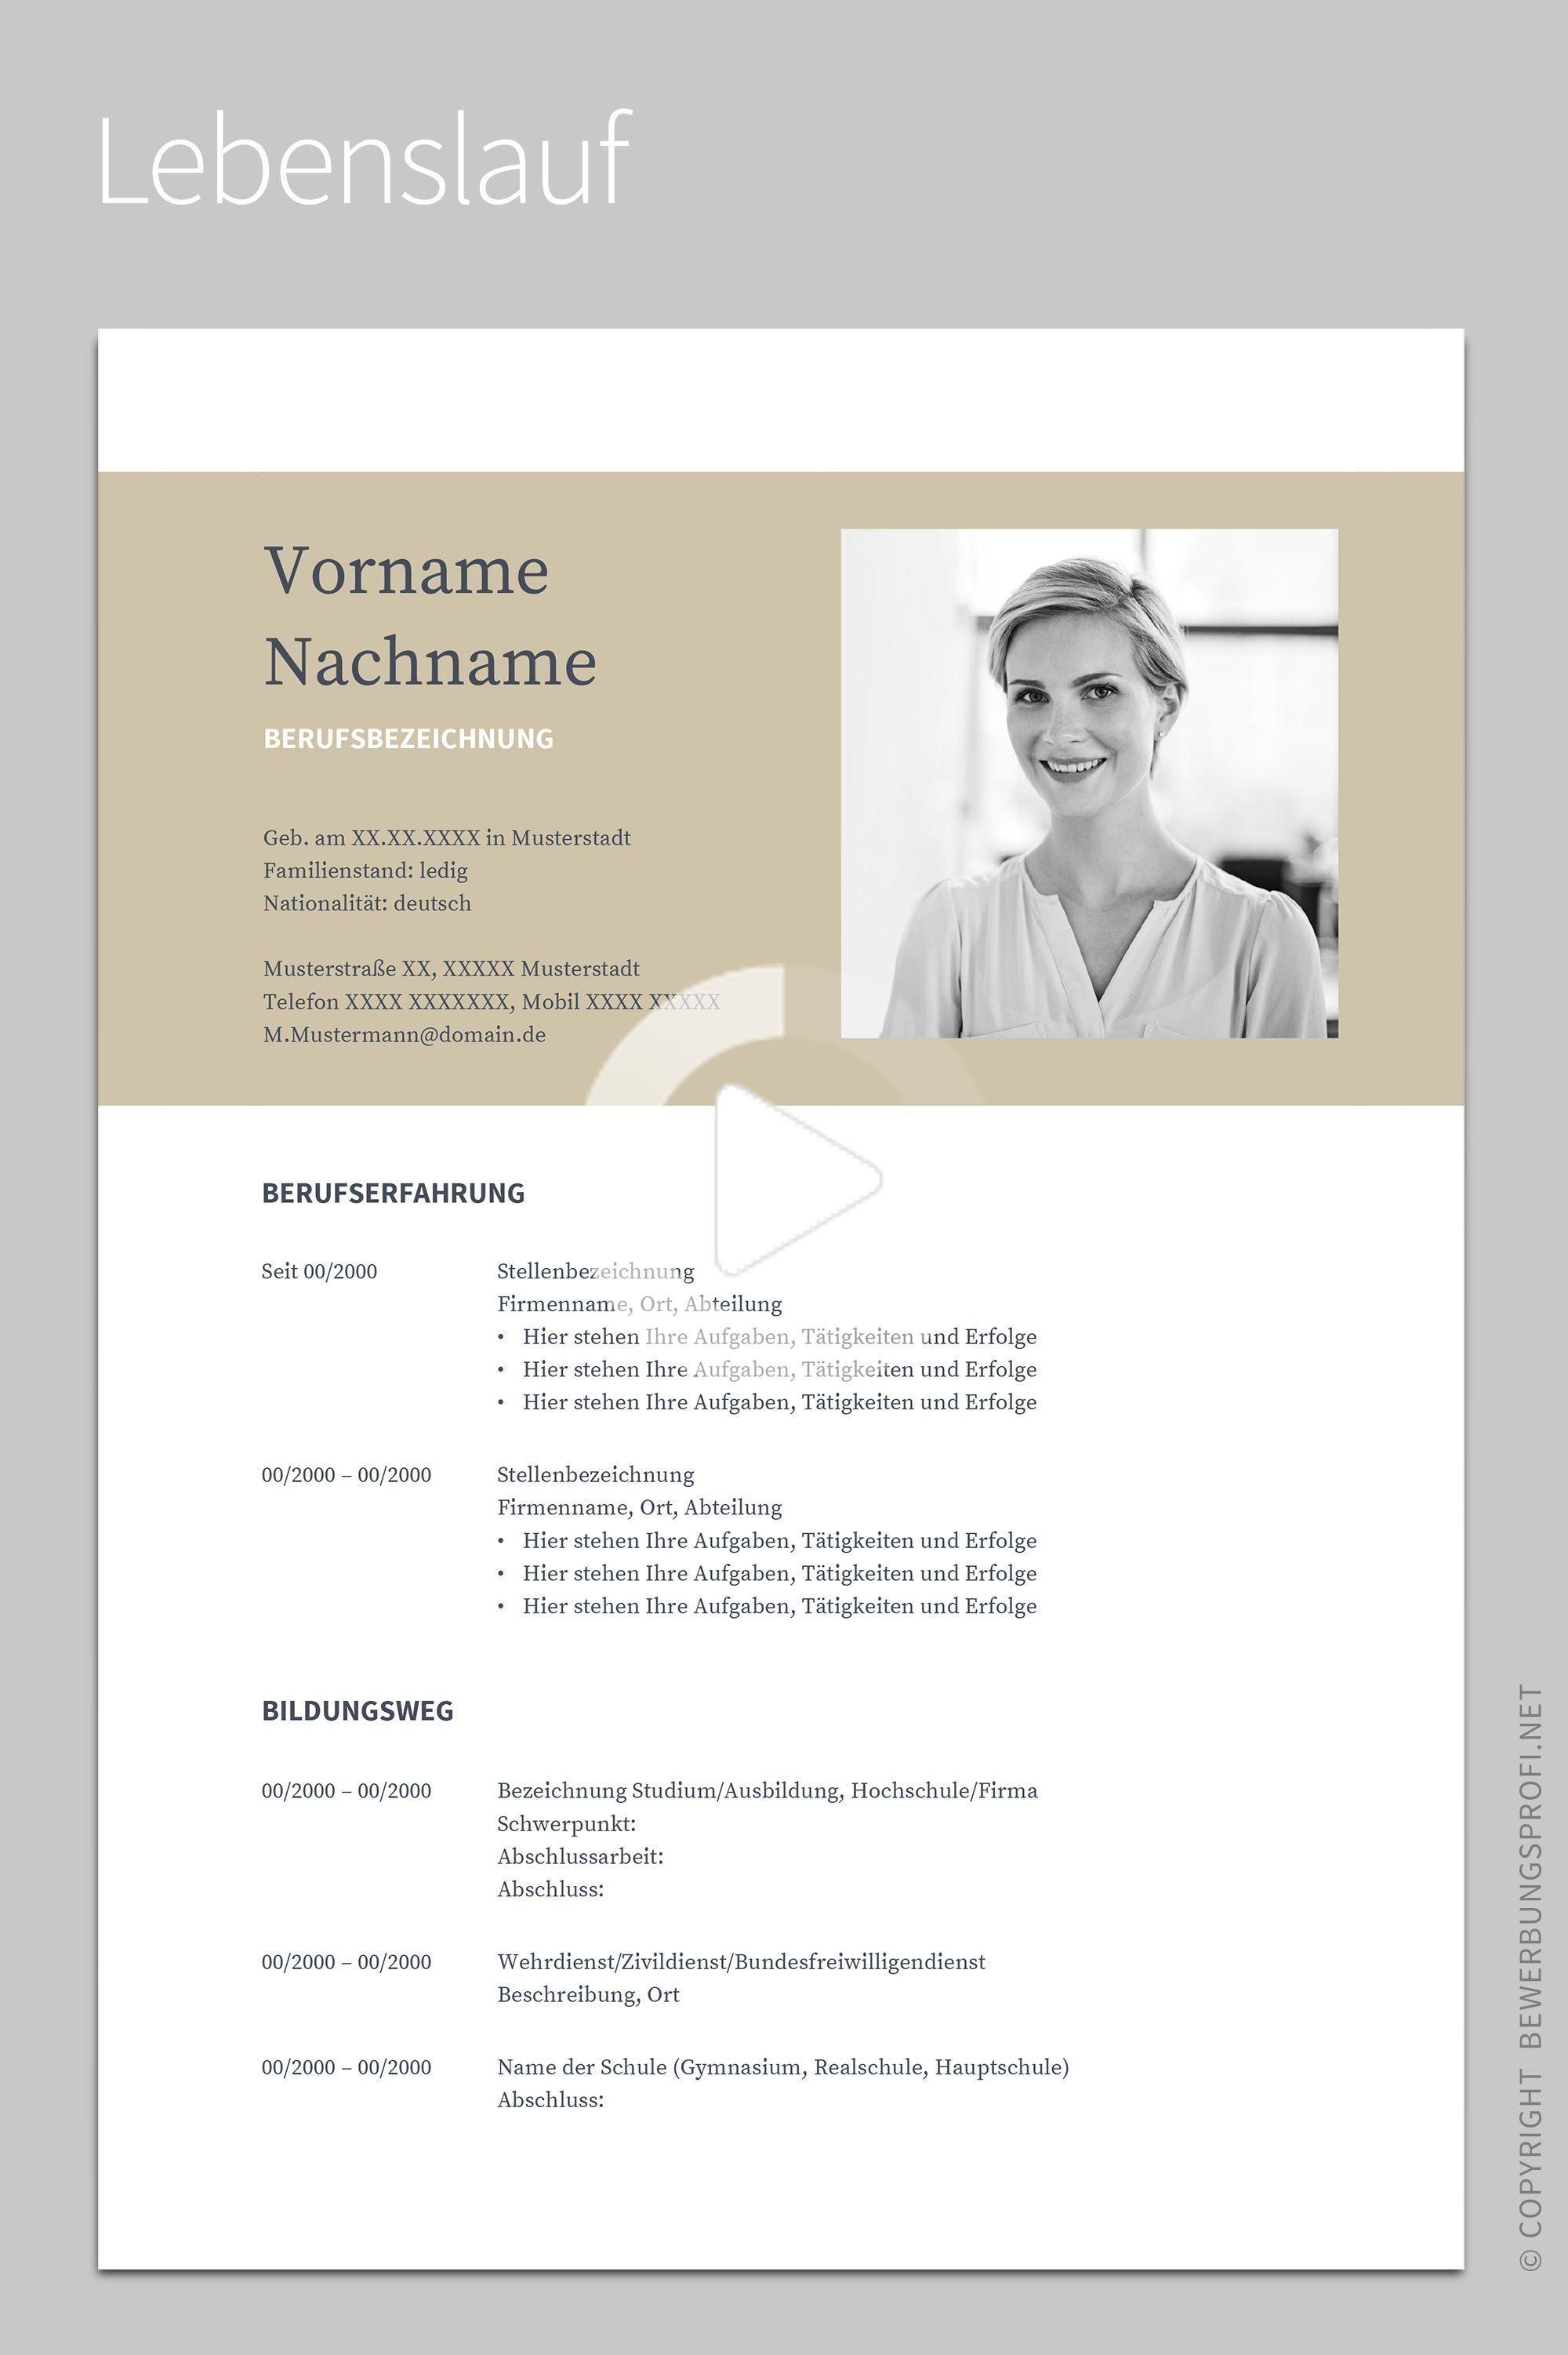 Application Napea Avec Cv Allemand Modele Modele Pour Word Open Office Et Google Docs Cv Sjabloon Template Patronen